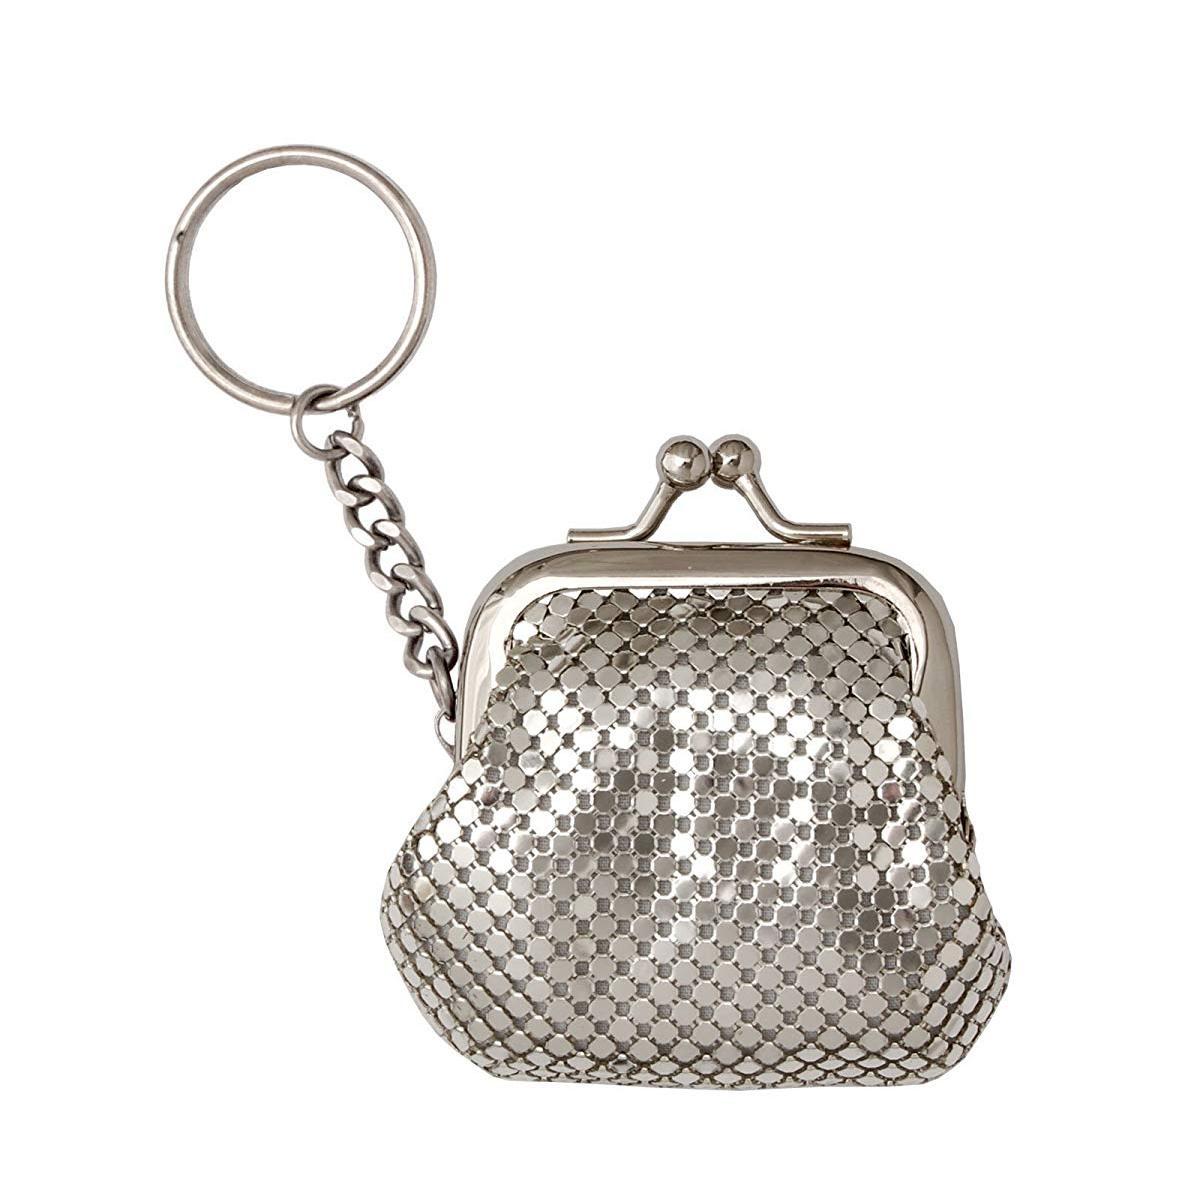 方振箱包批发定制小款铝片零钱包来图打样可添加logo